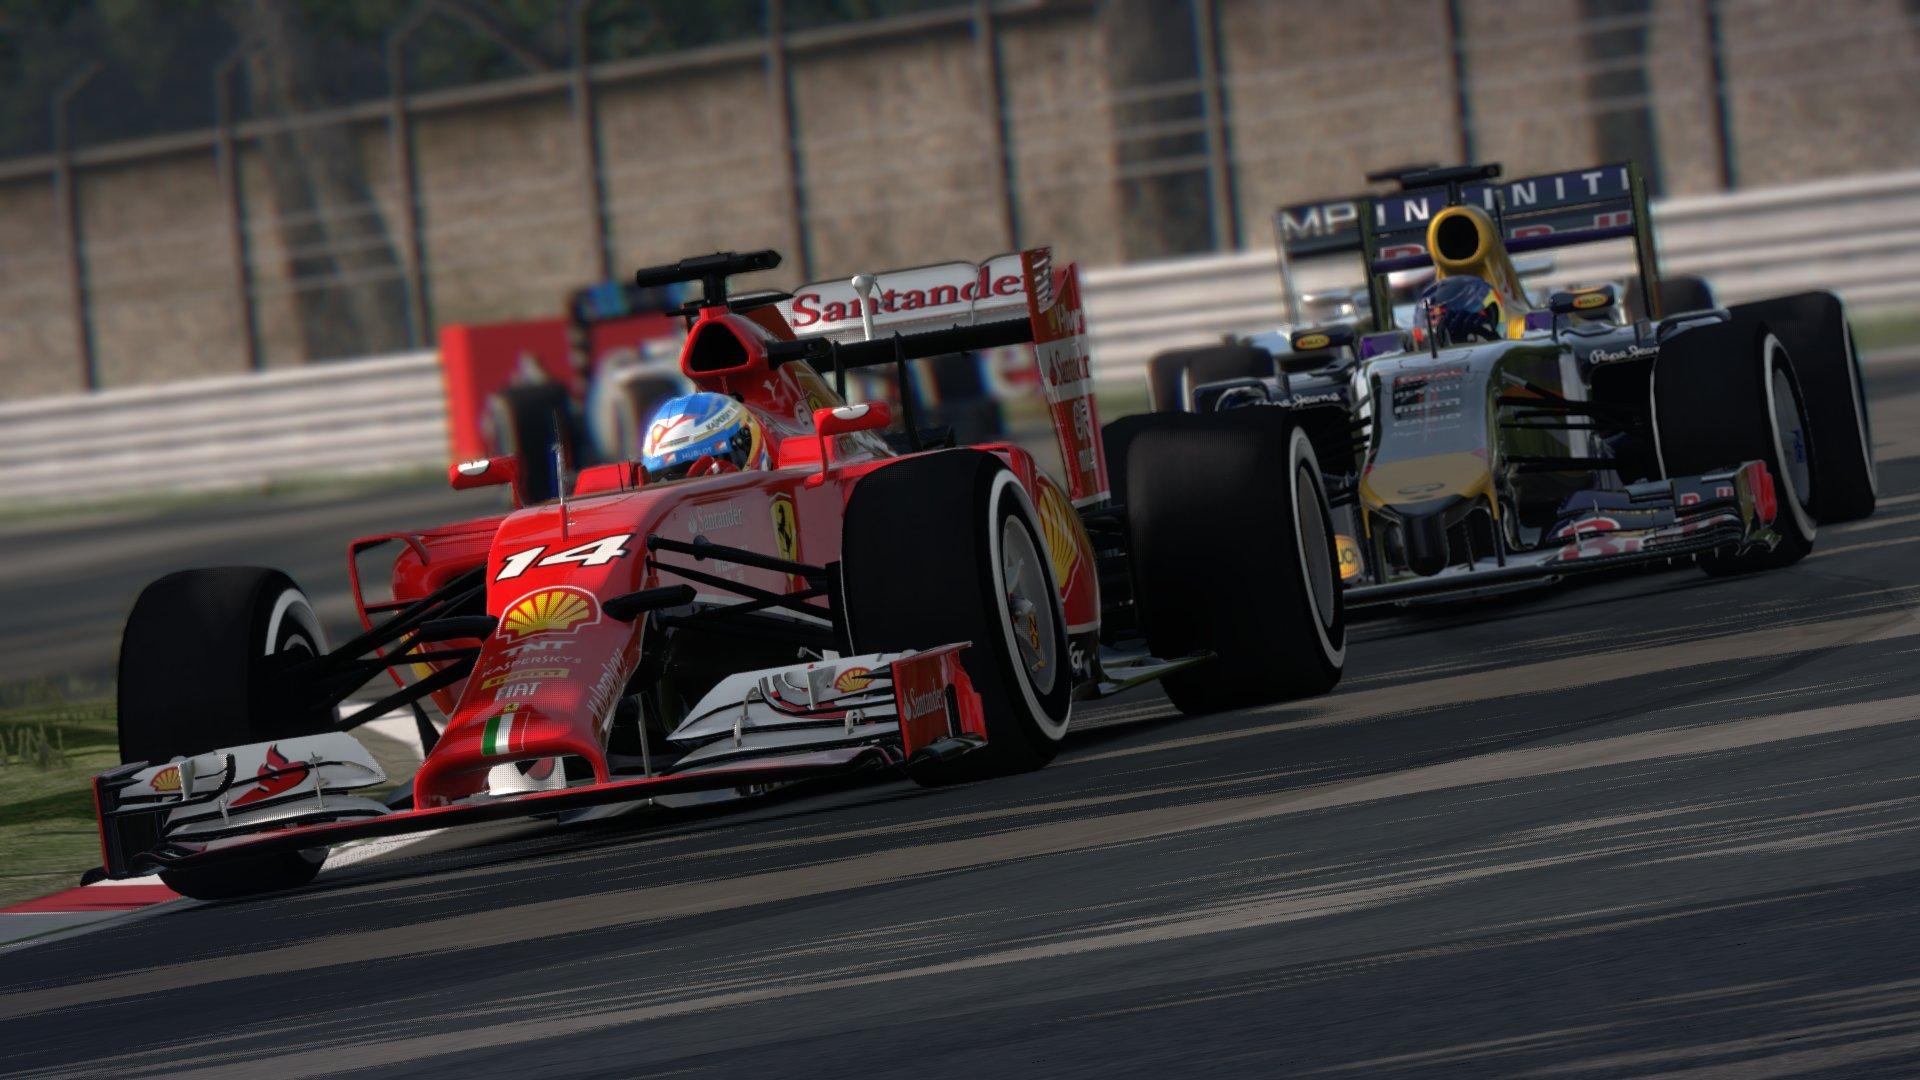 F1 2014 (Formula 1) - PlayStation 3 by Bandai (Image #30)